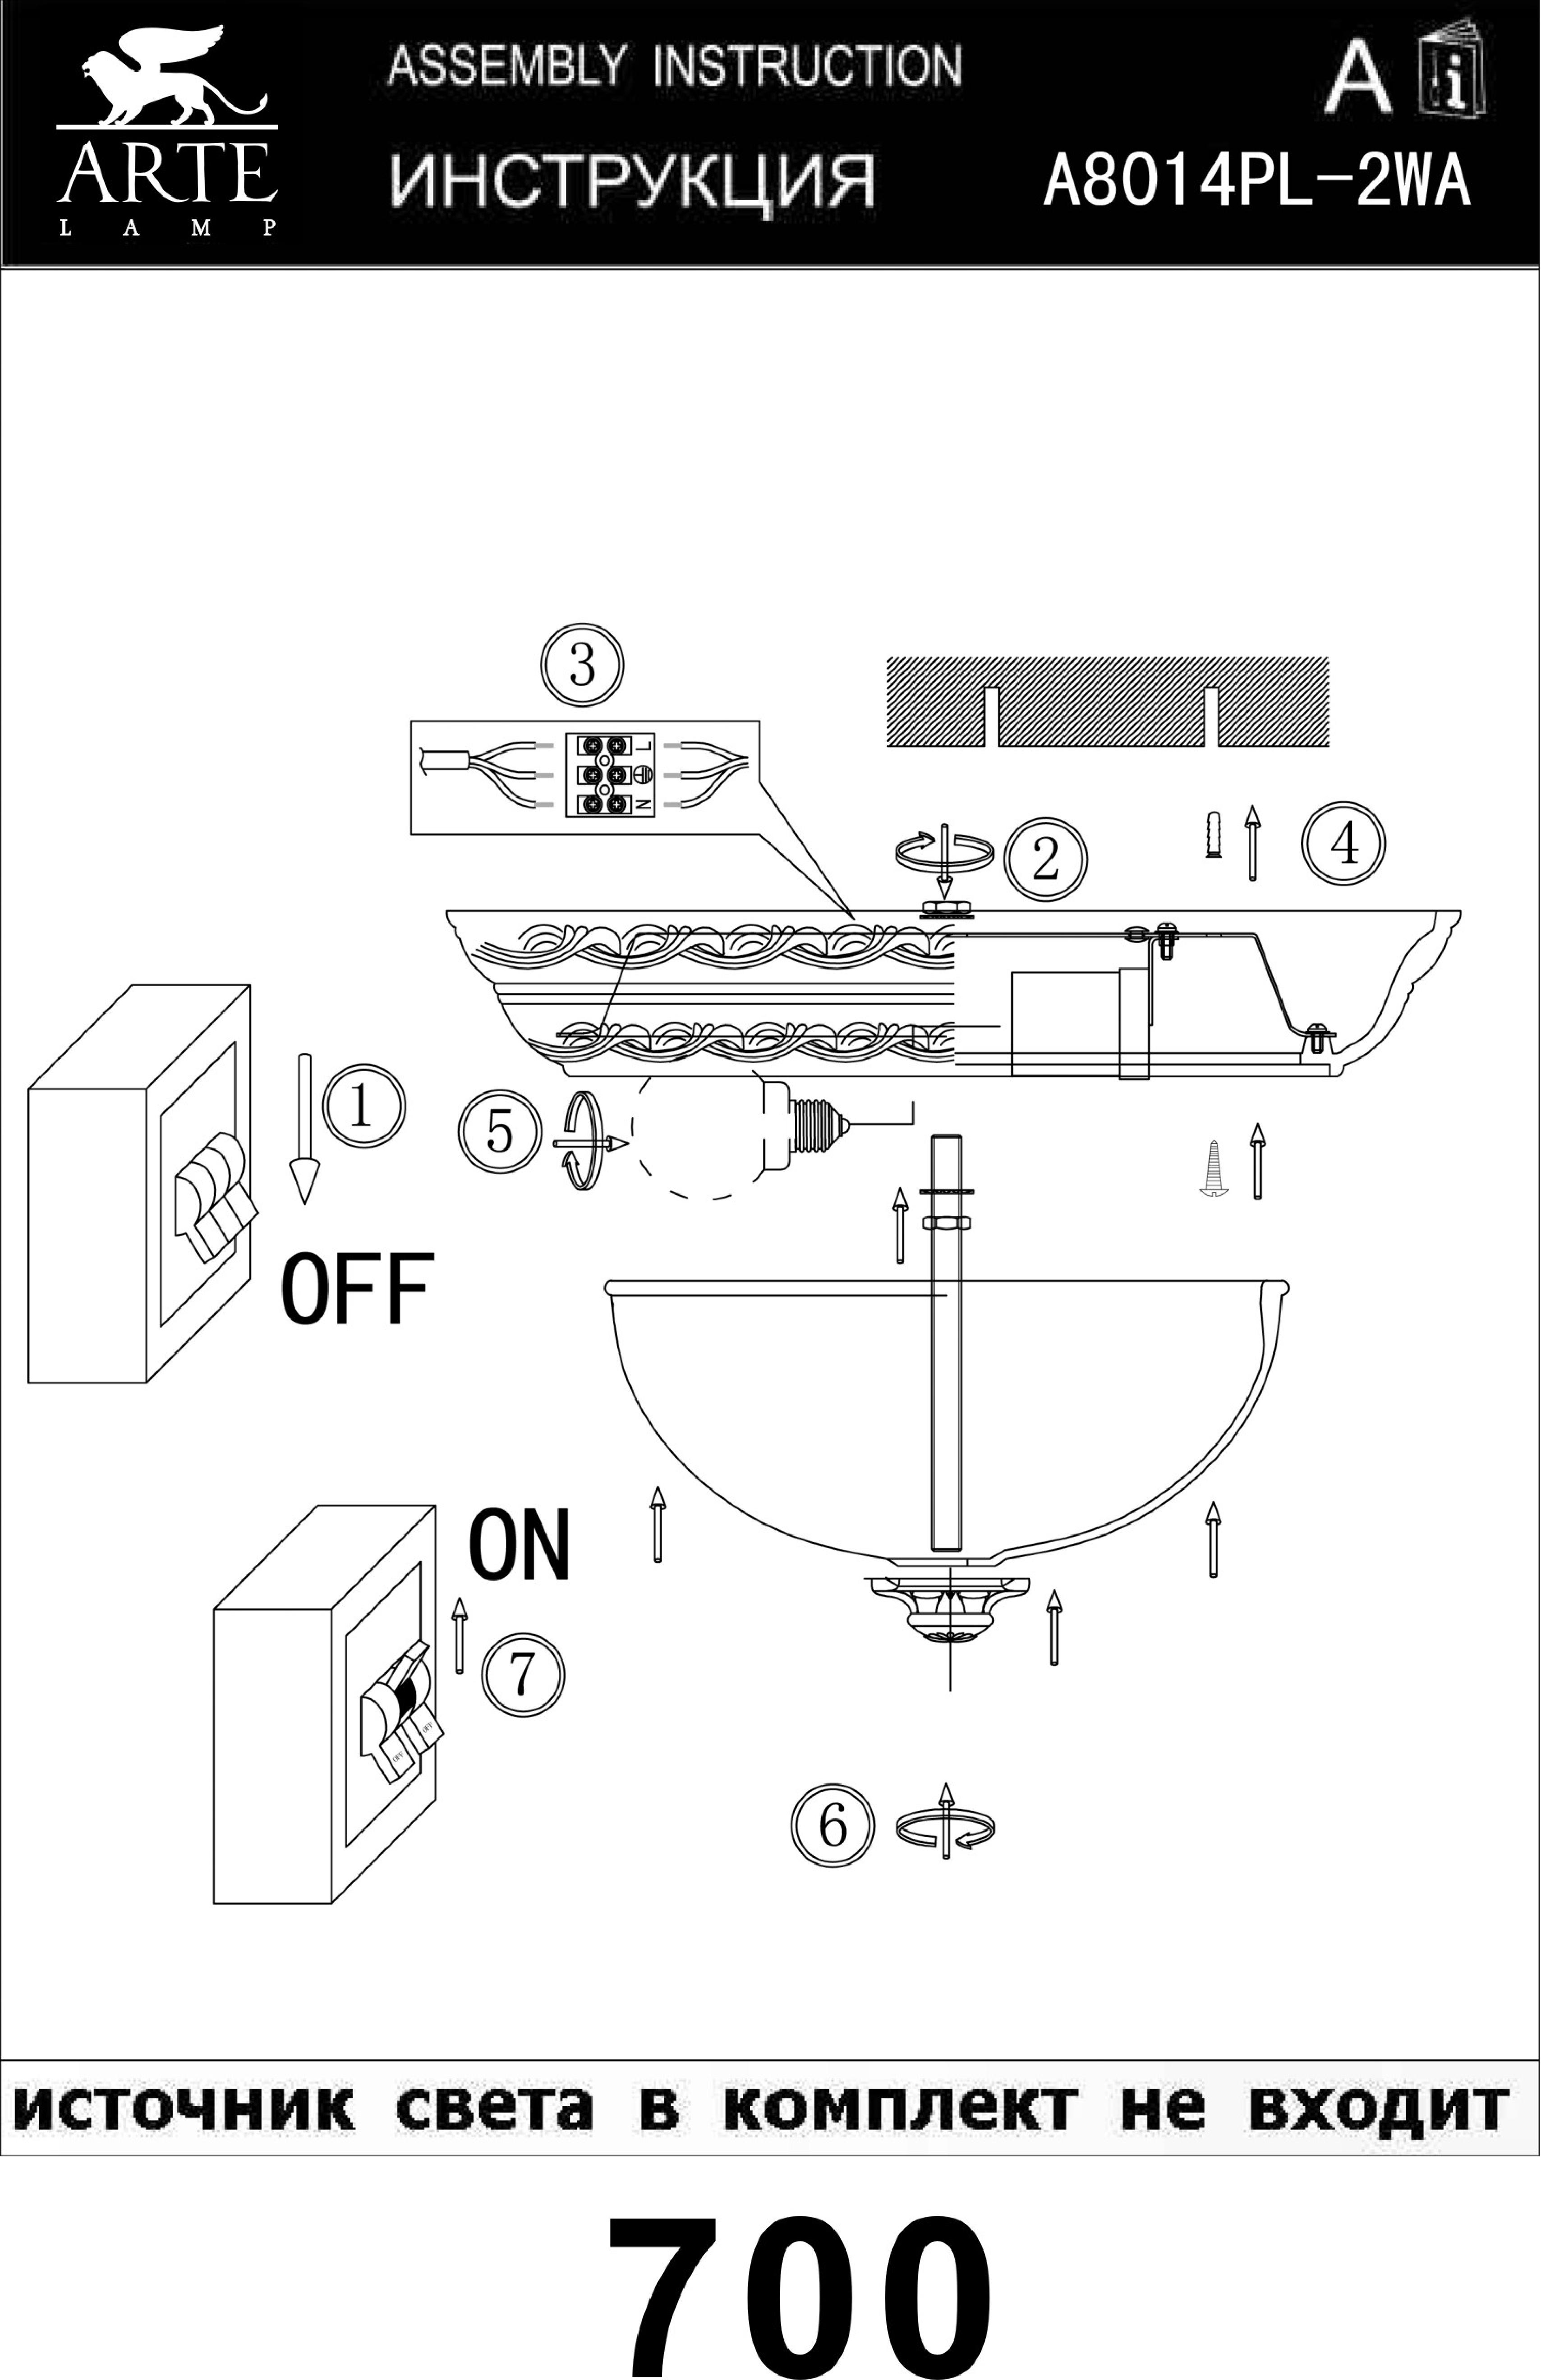 Потолочные светильники A8014PL-2WA Piatti Arte Lamp